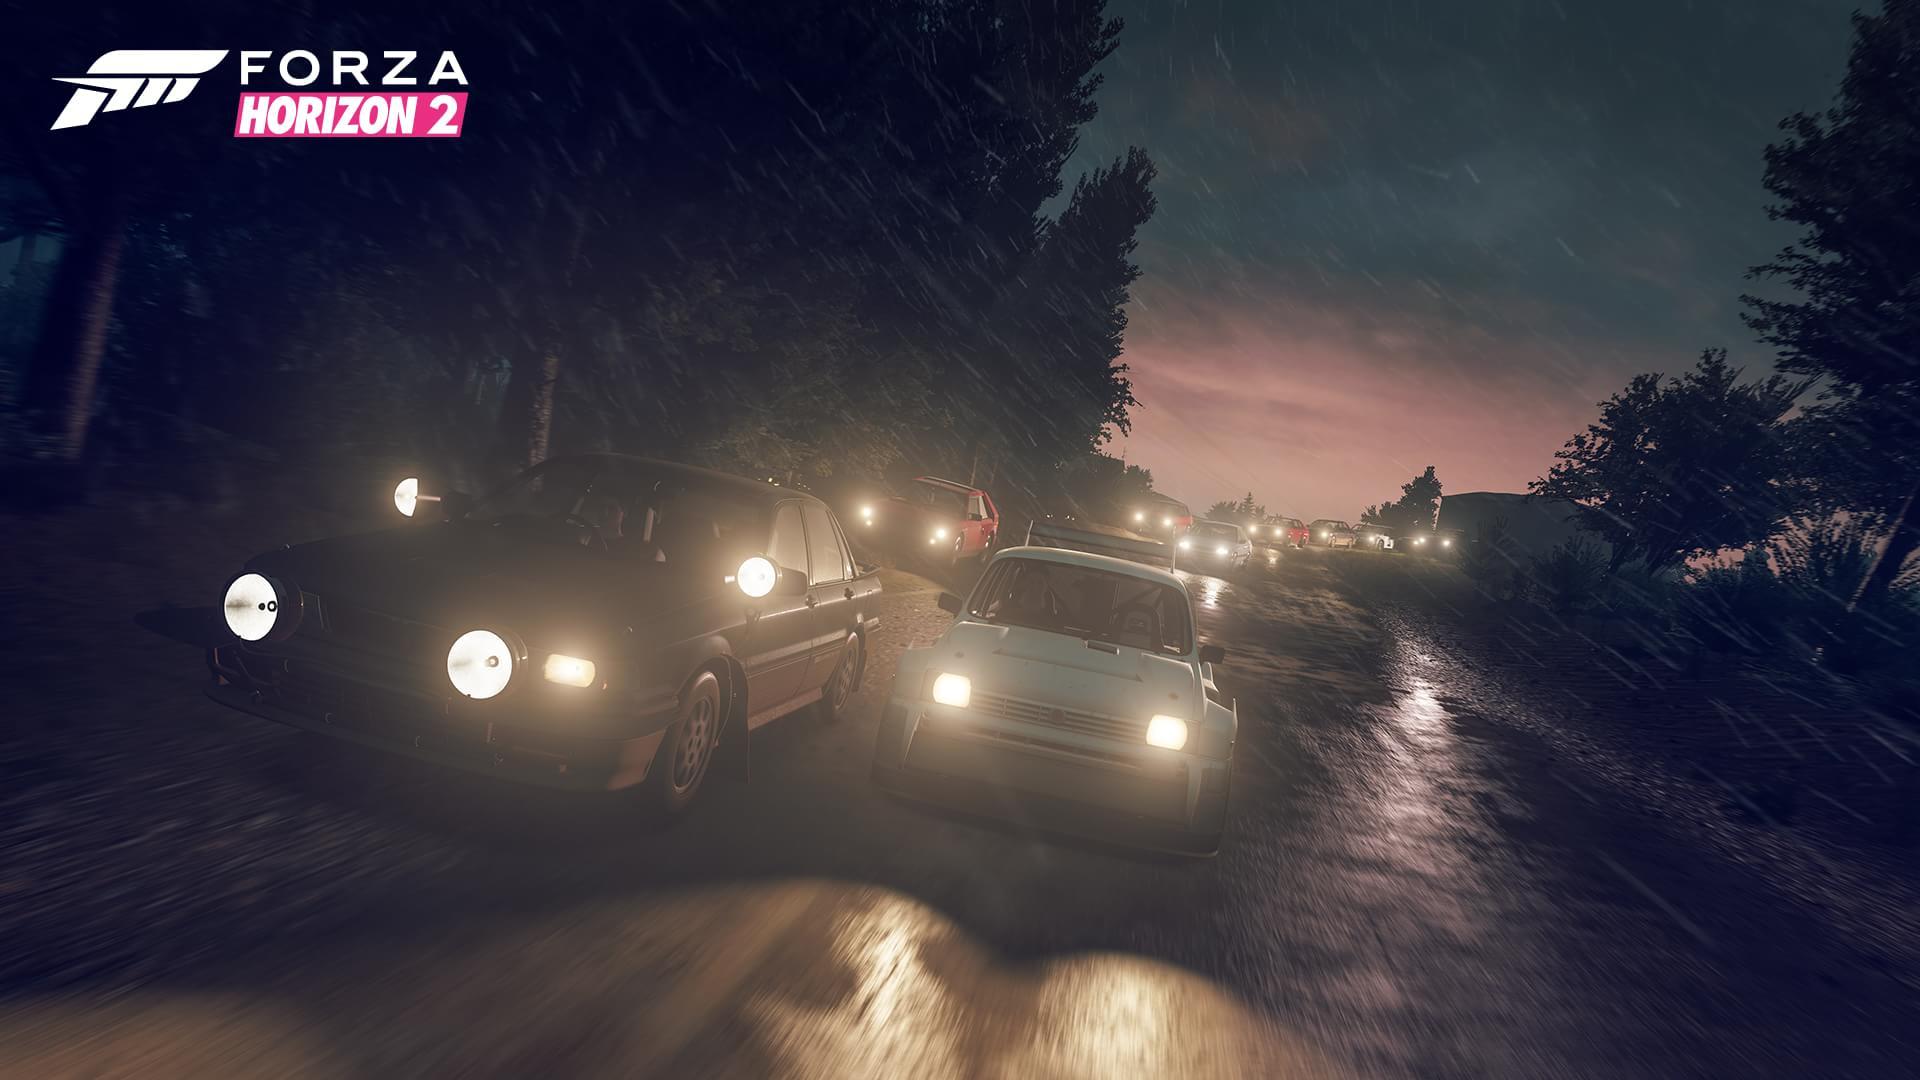 Confira trailer de Forza Horizon 2: Storm Island